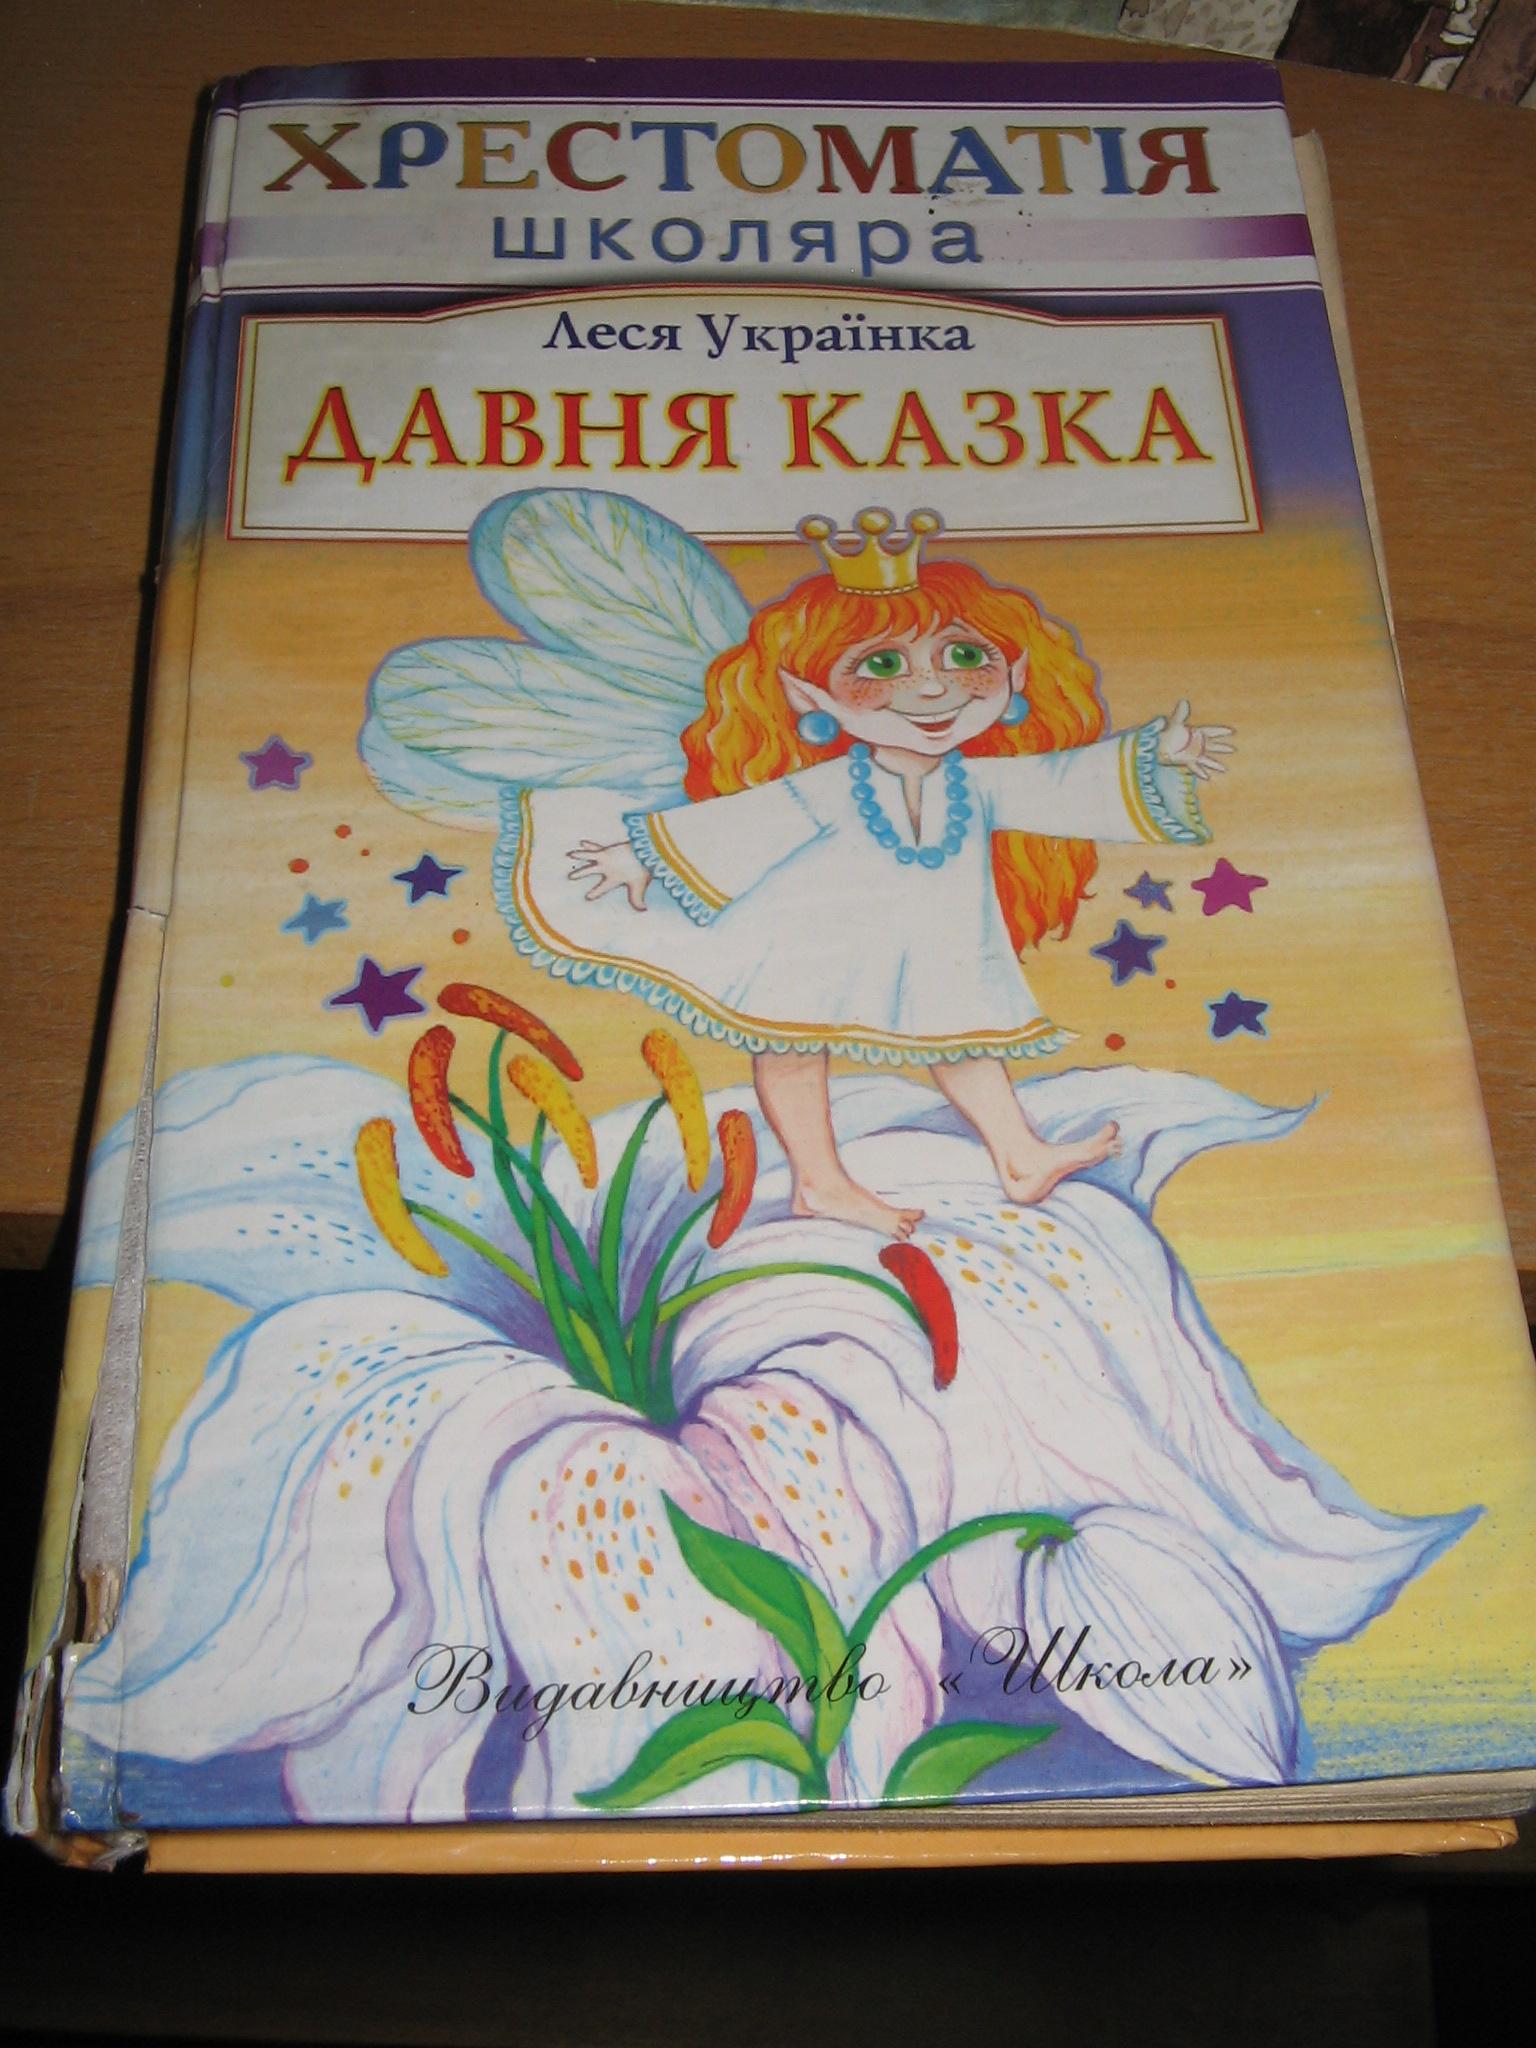 http://s3.uploads.ru/IKDY2.jpg